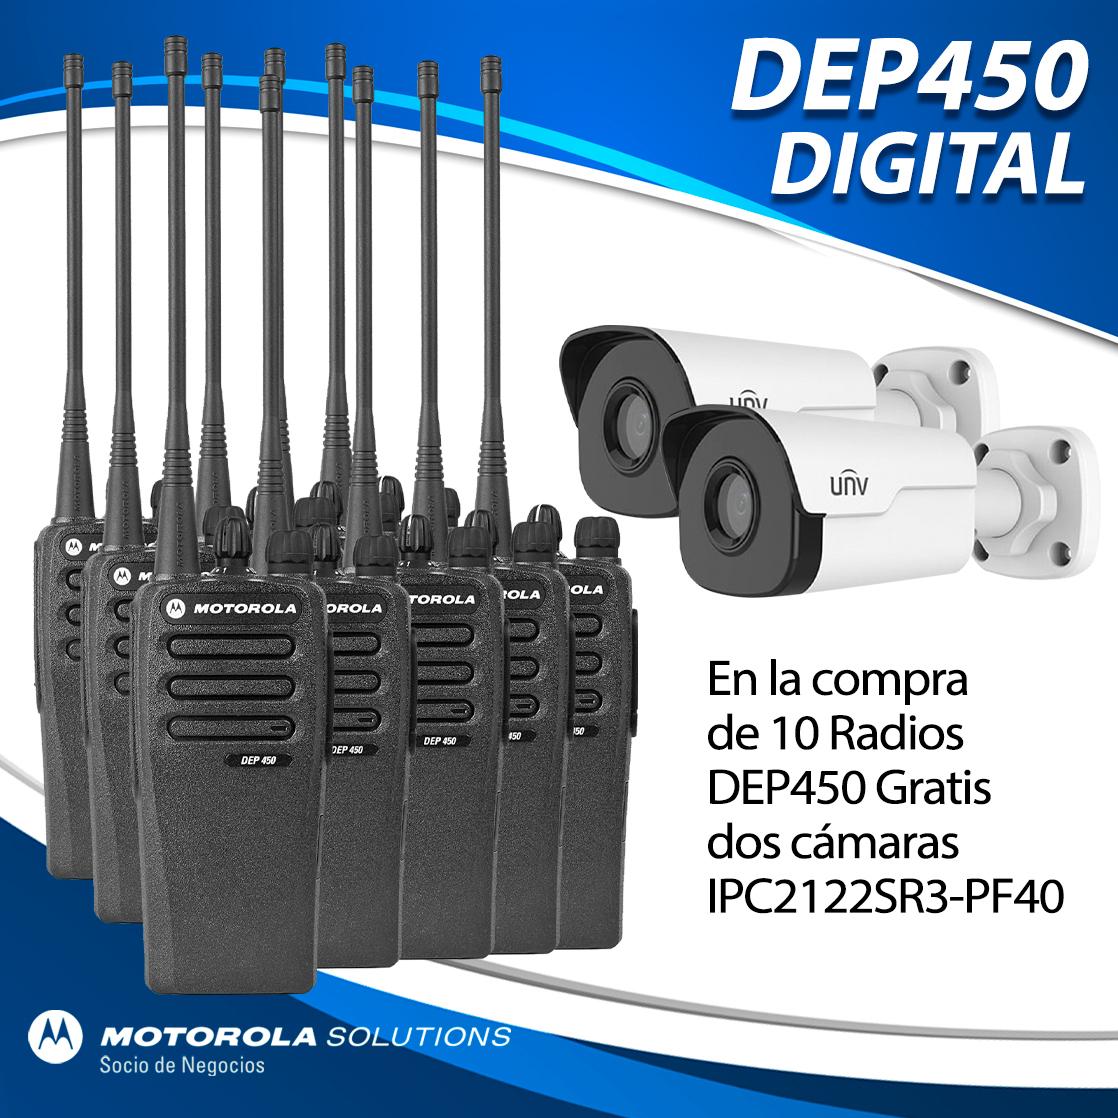 10 DEP450 MÁS DOS CÁMARAS GRATIS